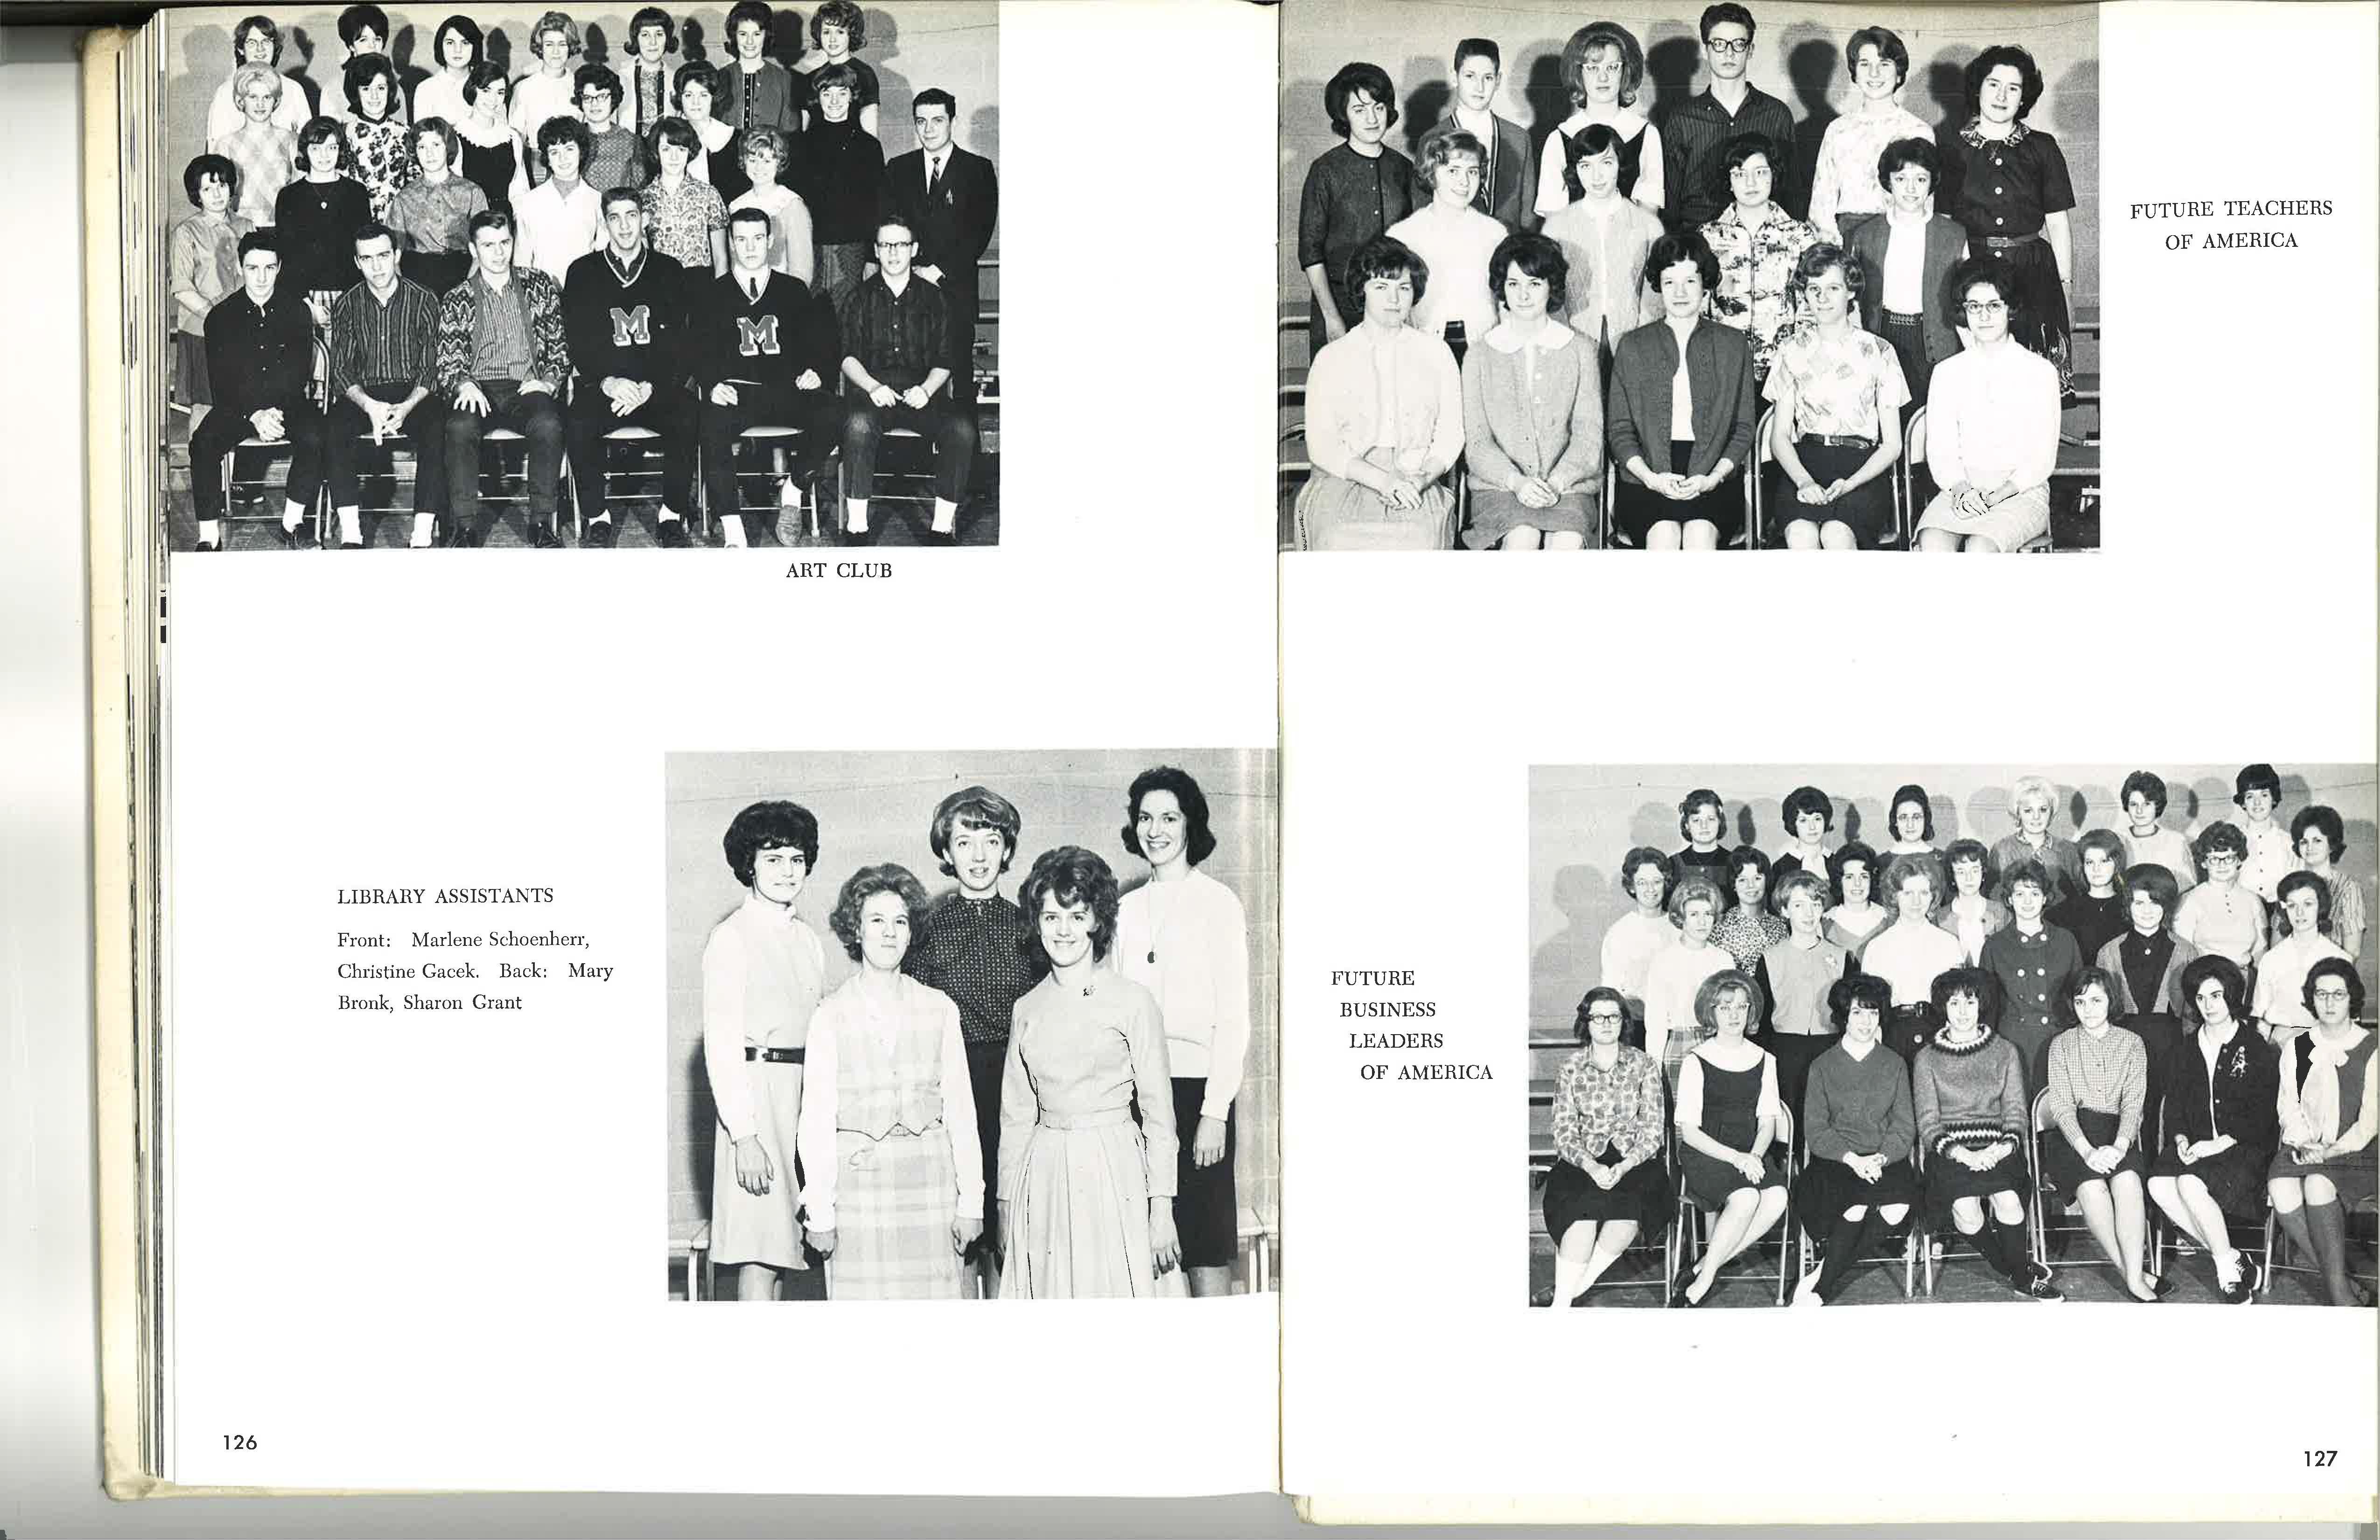 1964_Yearbook_Clubs_126-127.jpg